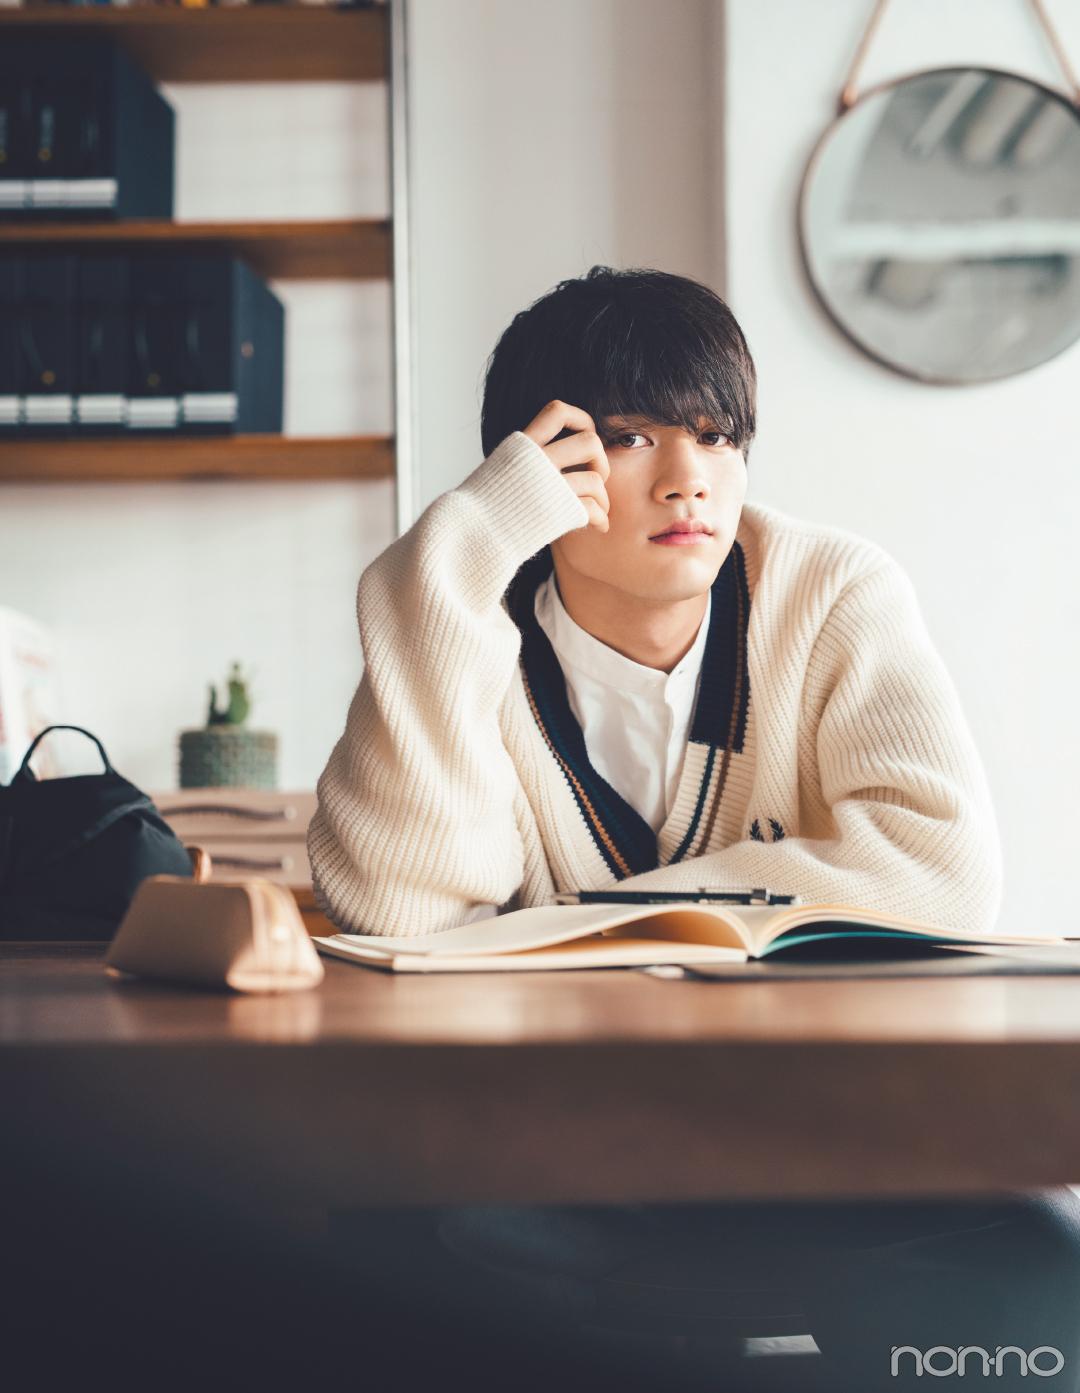 【ウェブ限定オフショ公開】板垣瑞生さんと図書館デート♡ _1_2